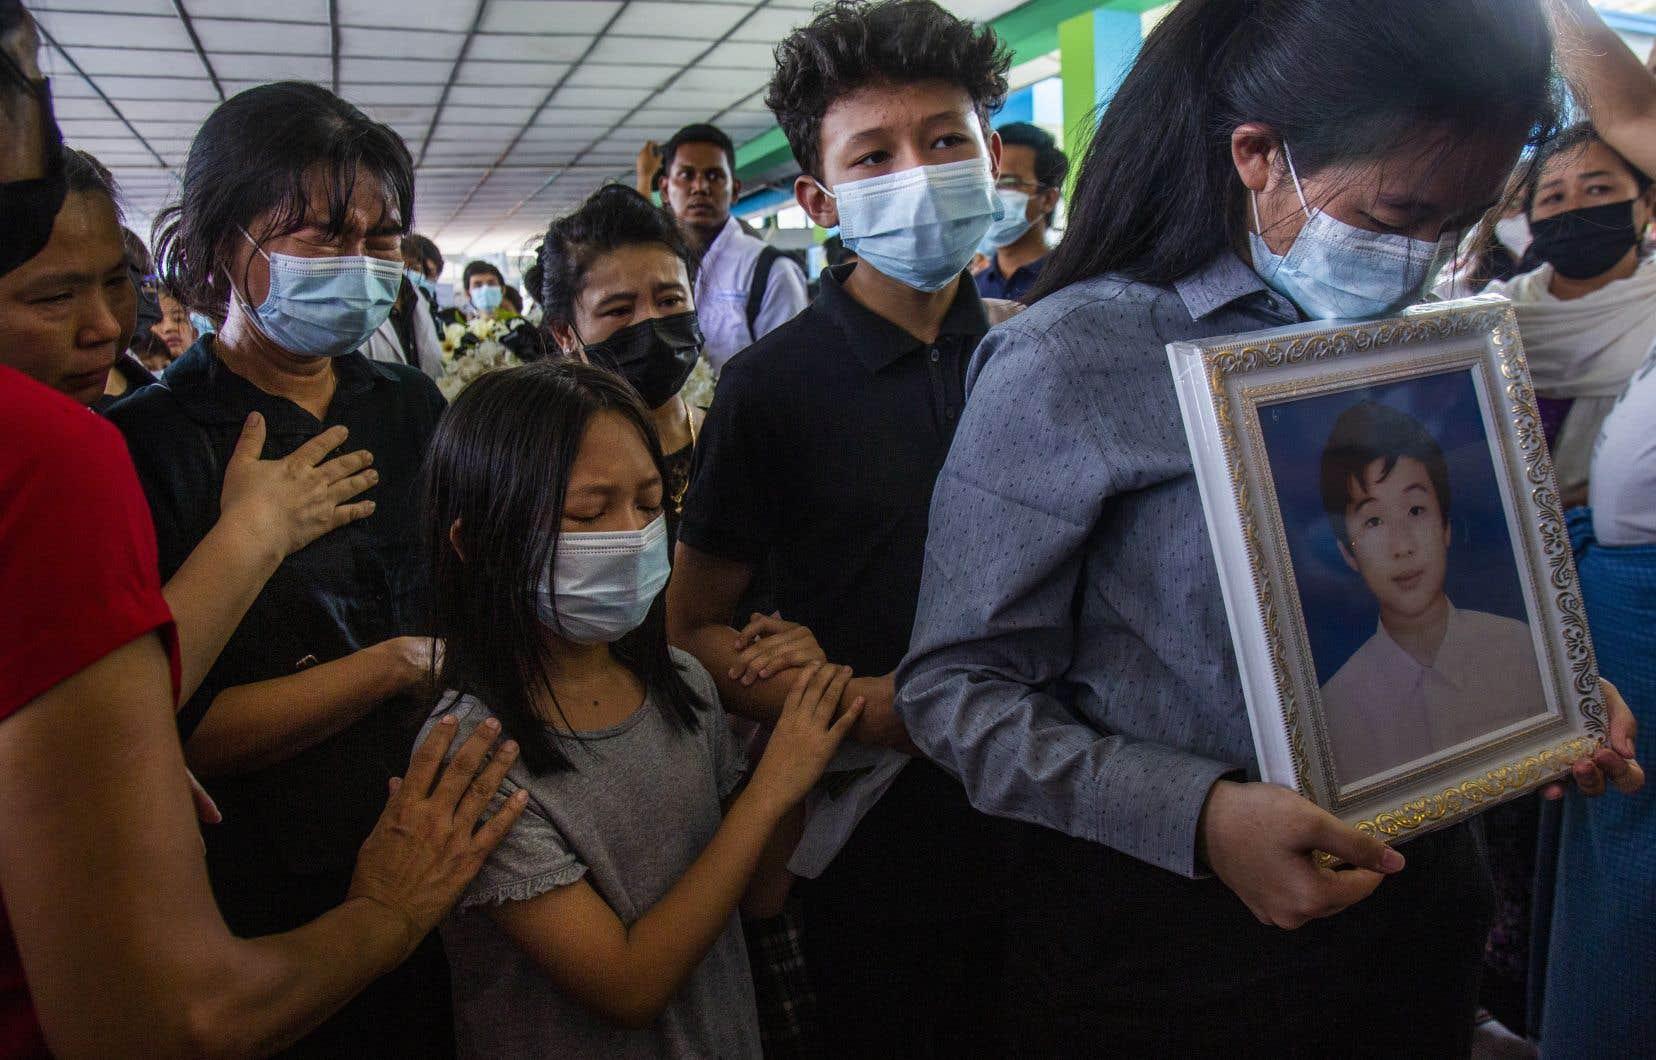 Plusieurs anciens camarades de classe de Khant Nyar Hein, un étudiant en médecine de 18ans tombé dimanche sous les balles des forces de sécurité, ont pris part à ses funérailles, mardi, à Rangoun. La journée de dimanche a été la plus sanglante au Myanmar depuis le coup d'État du 1<sup>er</sup>février, avec 74 morts.